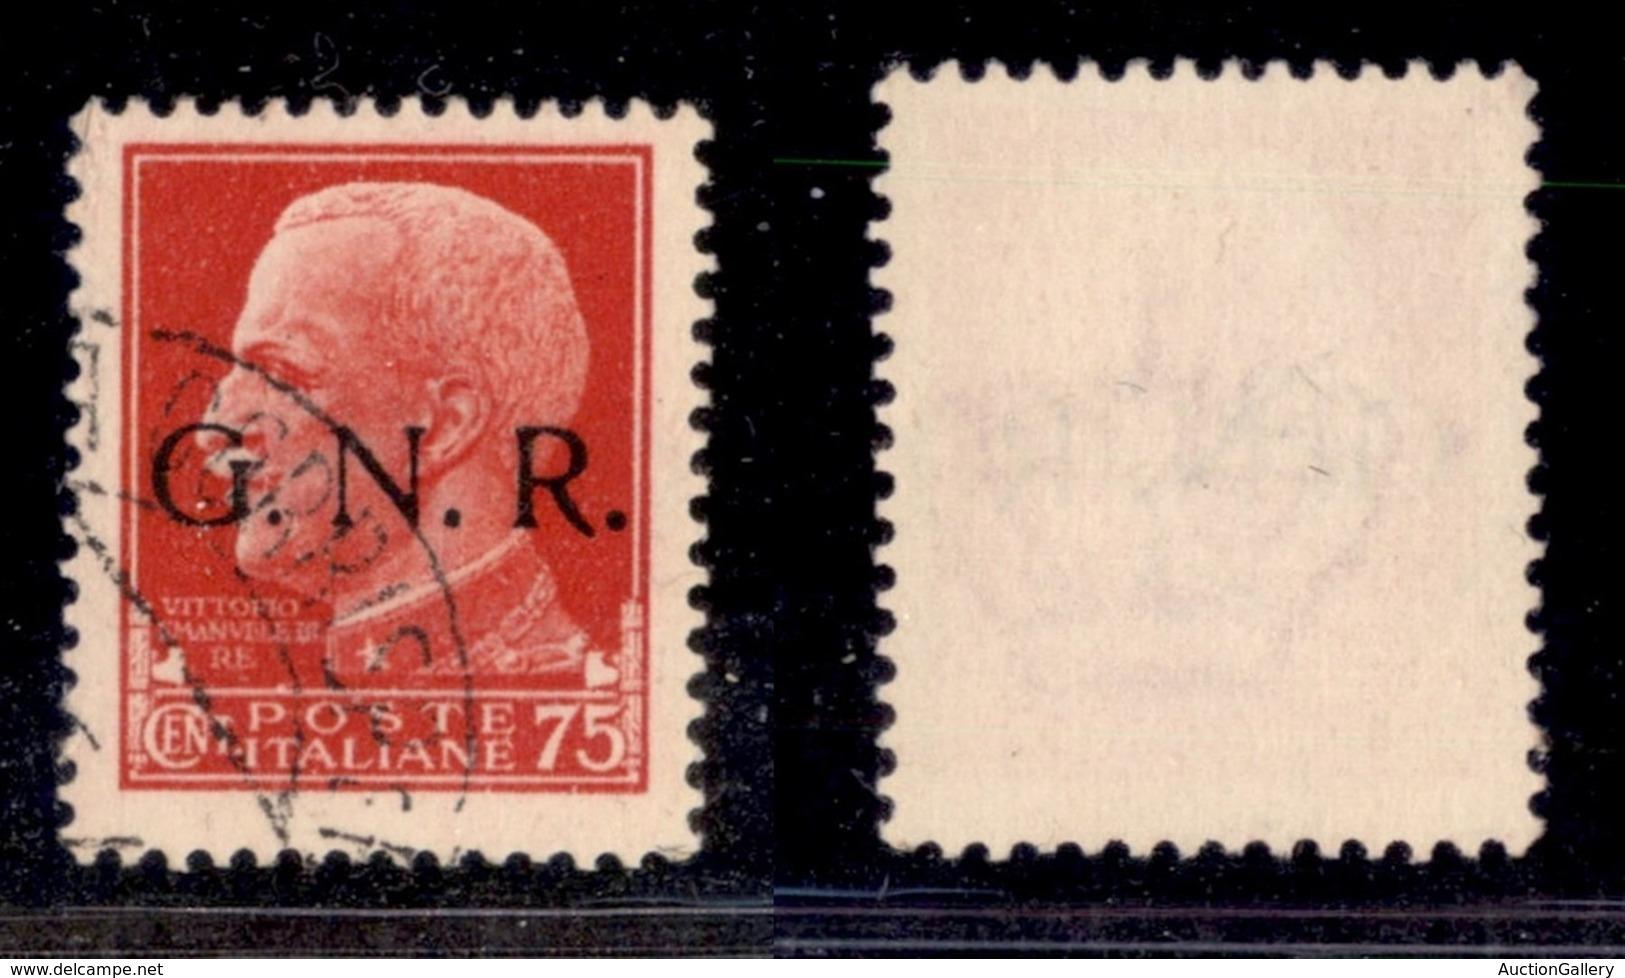 RSI - G.N.R. VERONA - 1944 - 75 Cent (478iab) Usato A Verona (Titolare) - Punto Piccolo Dopo G - Cert. AG - Timbres